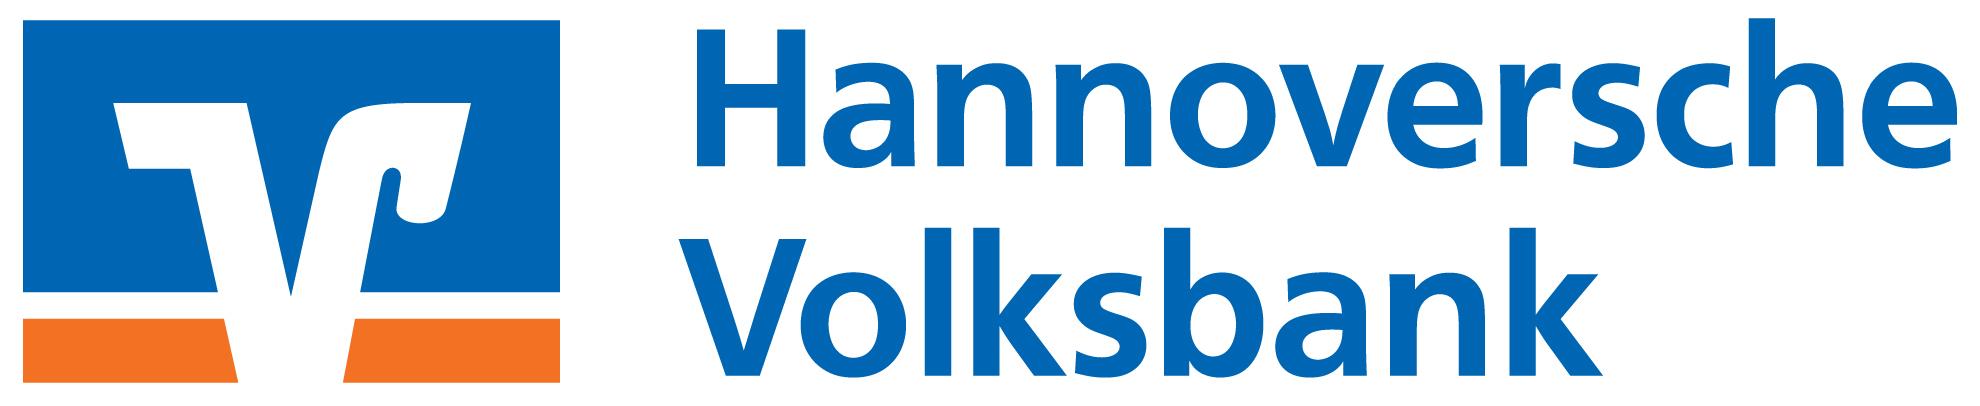 Hannoversche Volksbank eG SelbstbedienungsCenter Bult